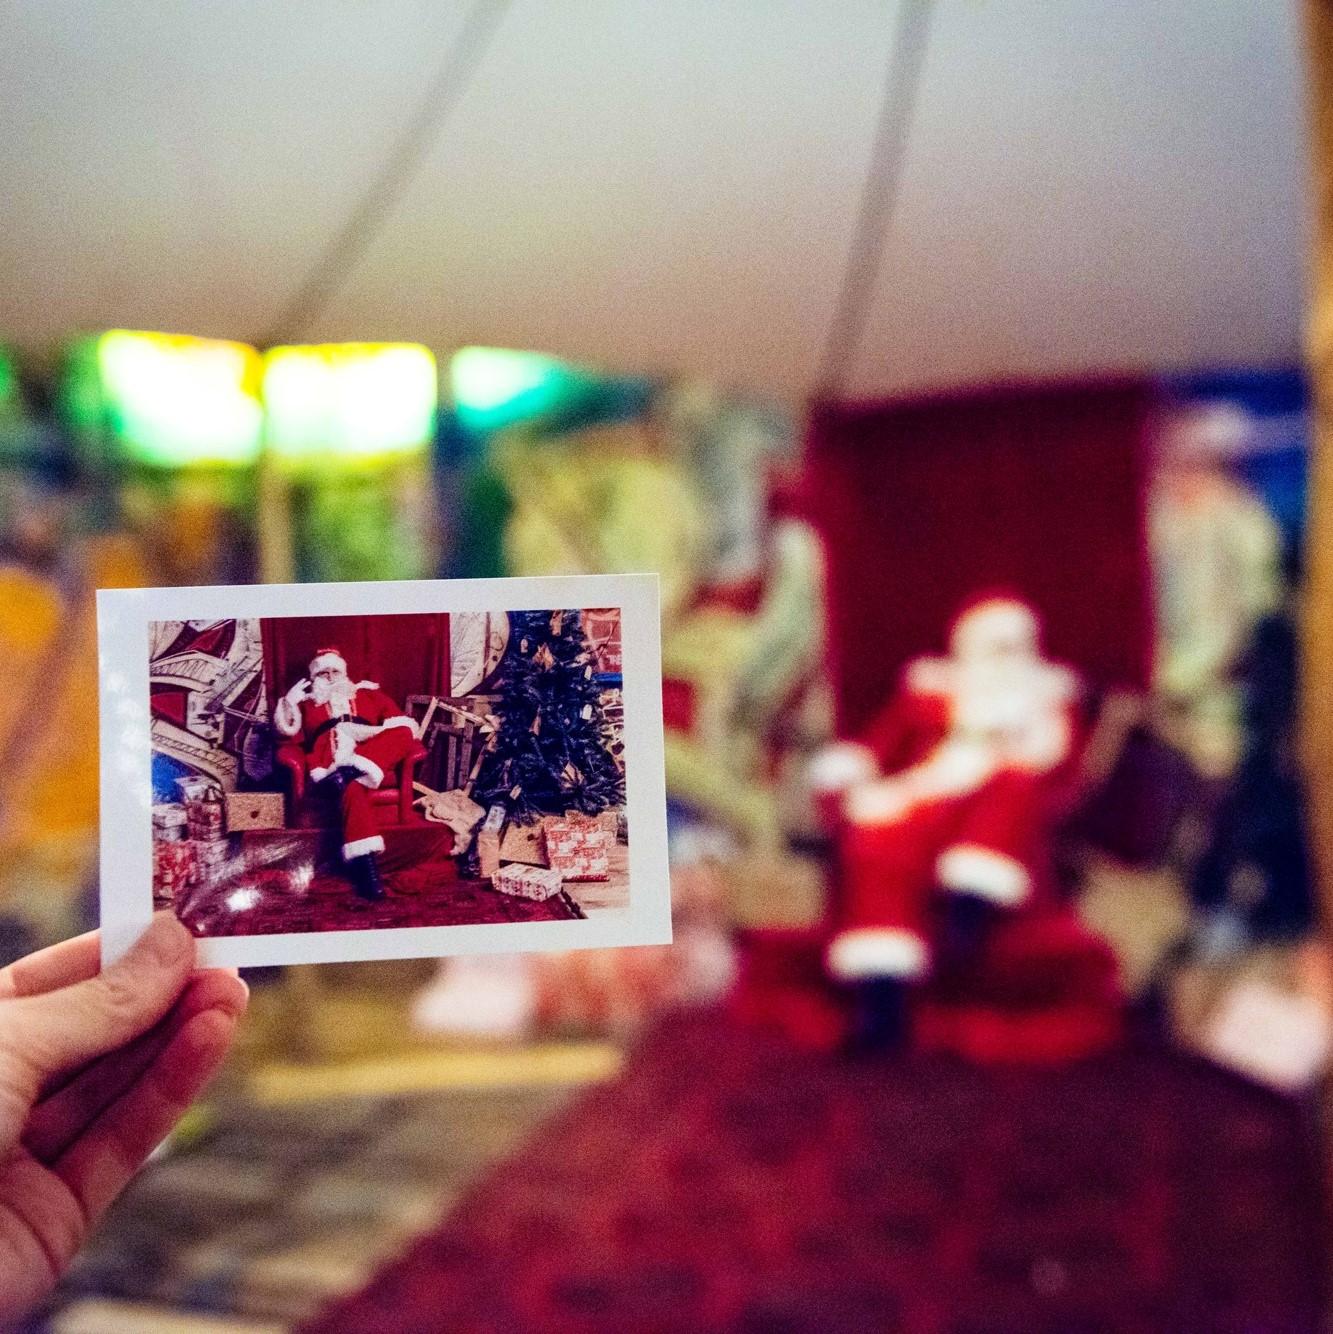 RENCONTRE AVECLE PÈRE NOËL - DATES :Samedi 15 décembre de 13h15 à 14h45Dimanche 23 décembre de 15h00 à 16h30LIEU : Yourte des enfantsNous avons l'immense honneur d'accueillir Monsieur le Père Noël en personne! Ne ratez pas l'occasion de venir le rencontrer avec vos enfants lors de sa promenade au sein du Marché et de sa visite dans la Yourte des enfants.